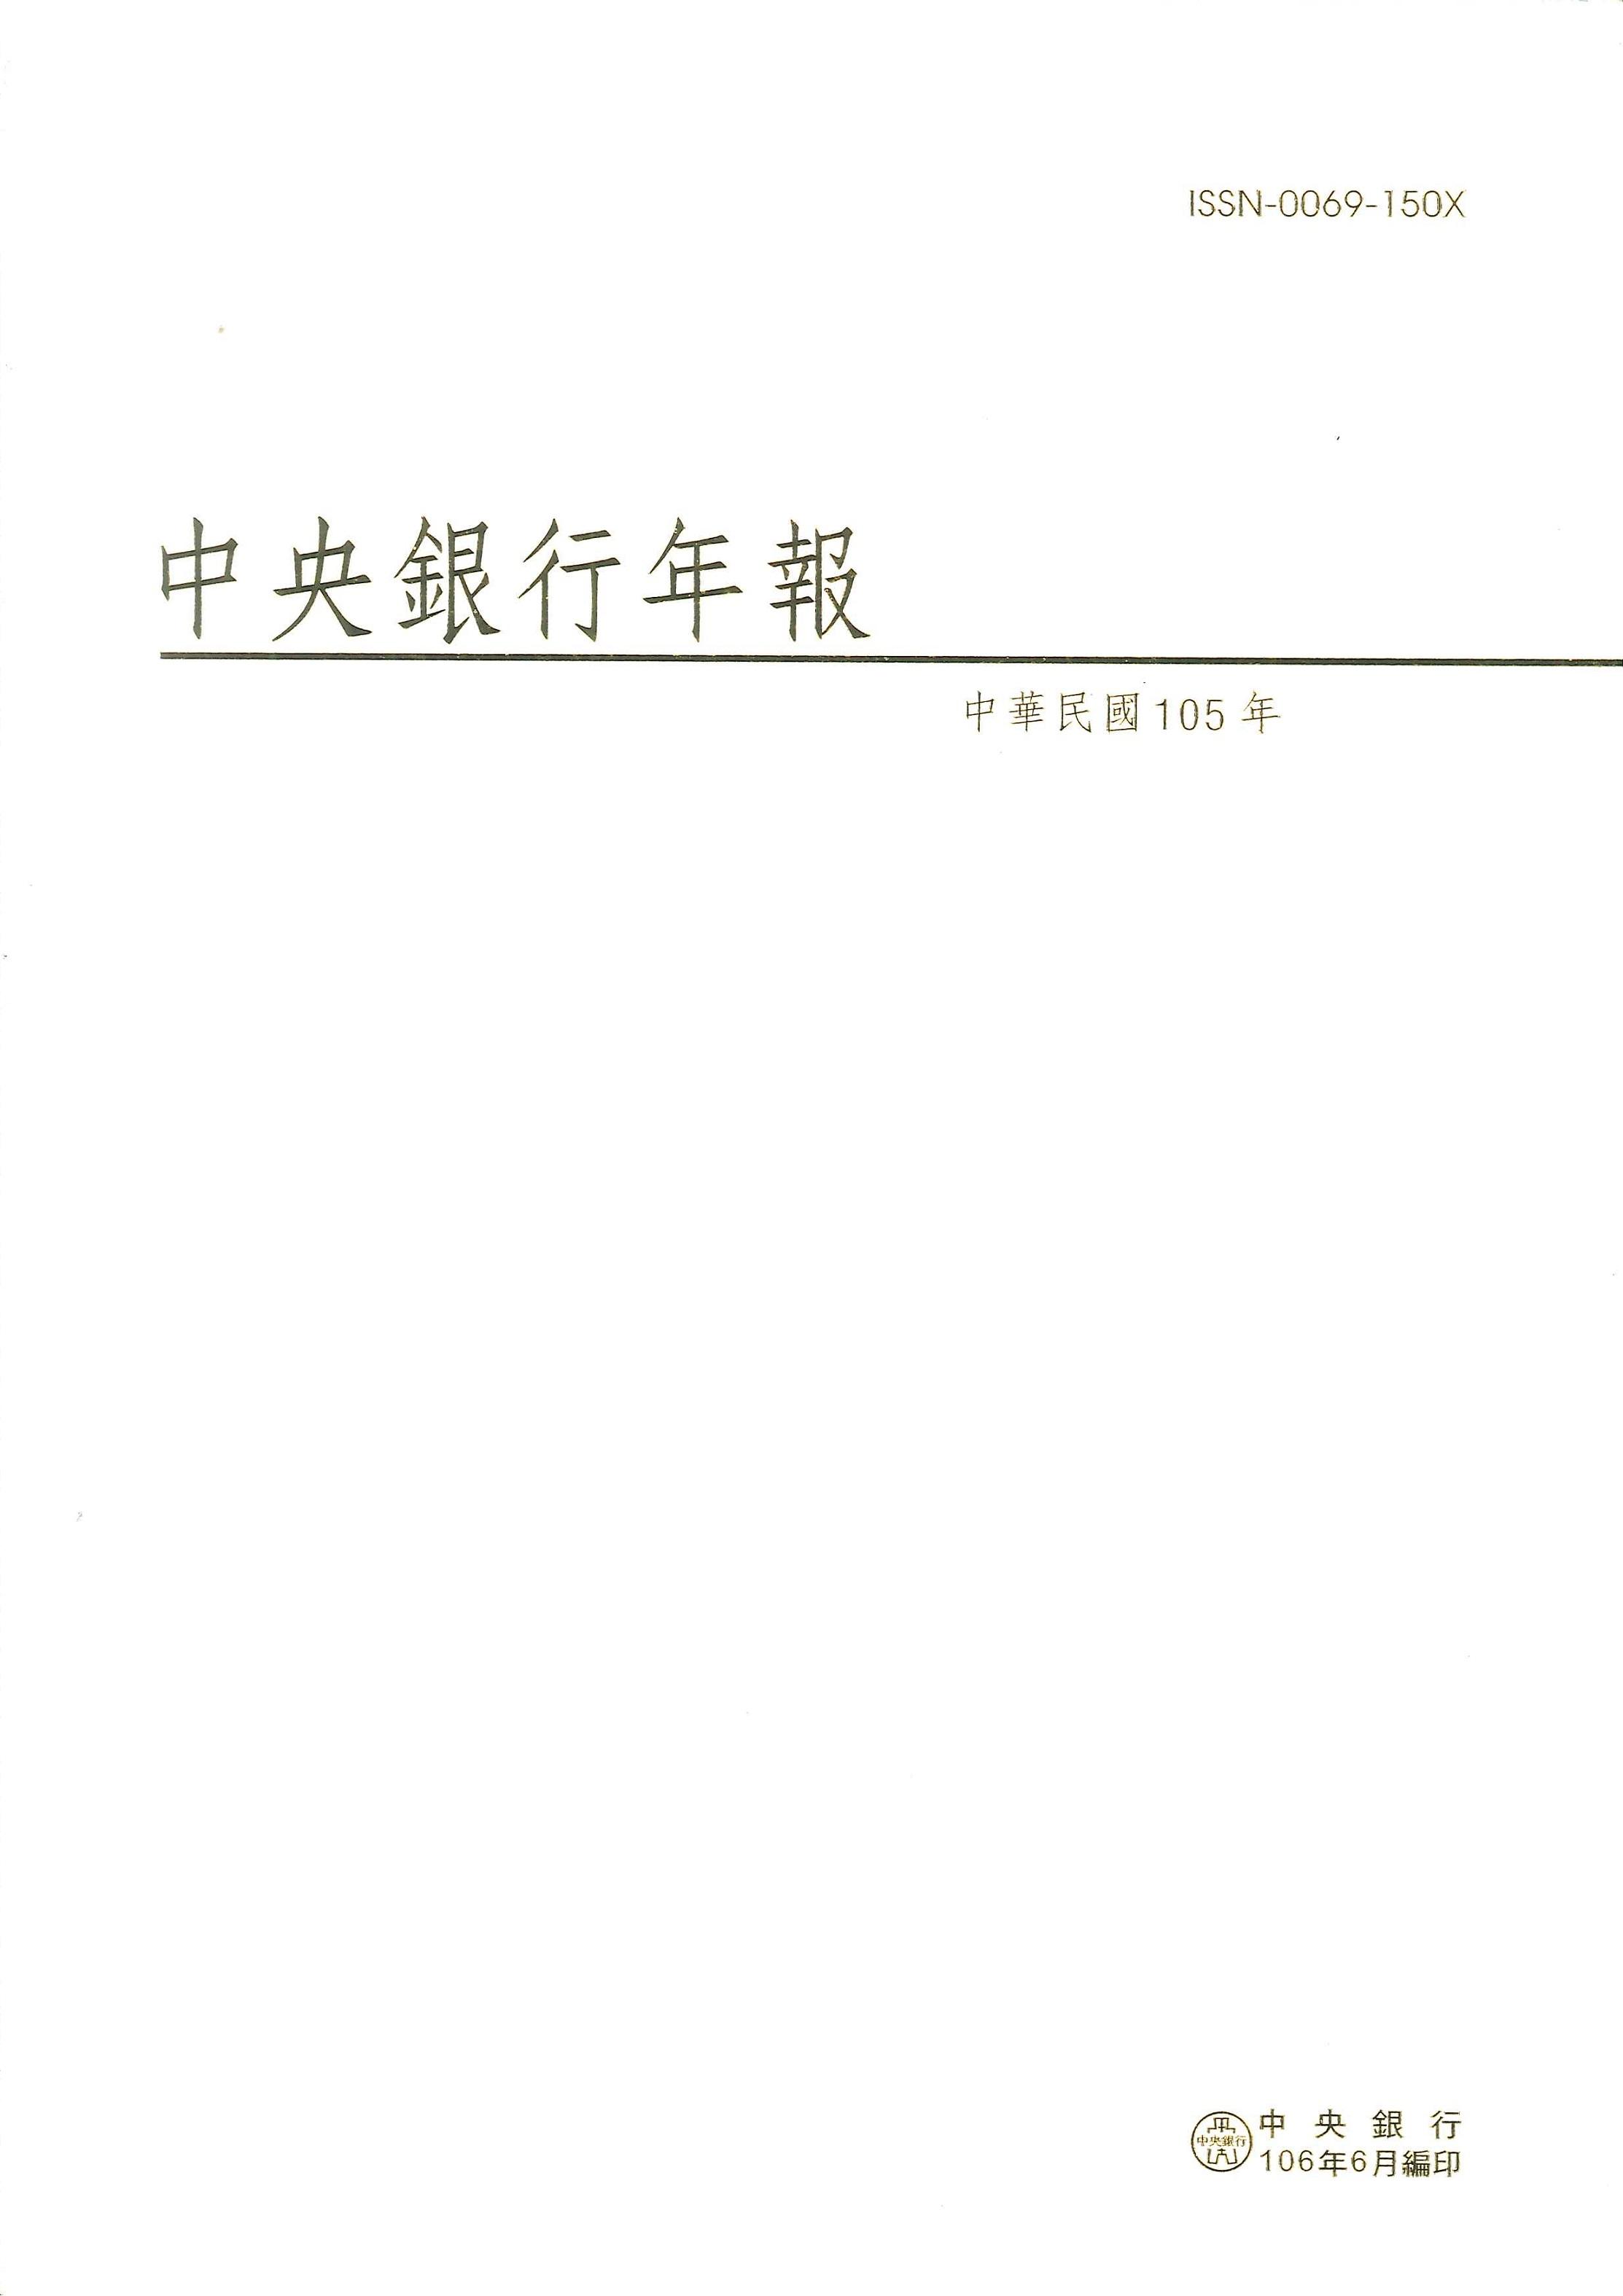 中央銀行年報